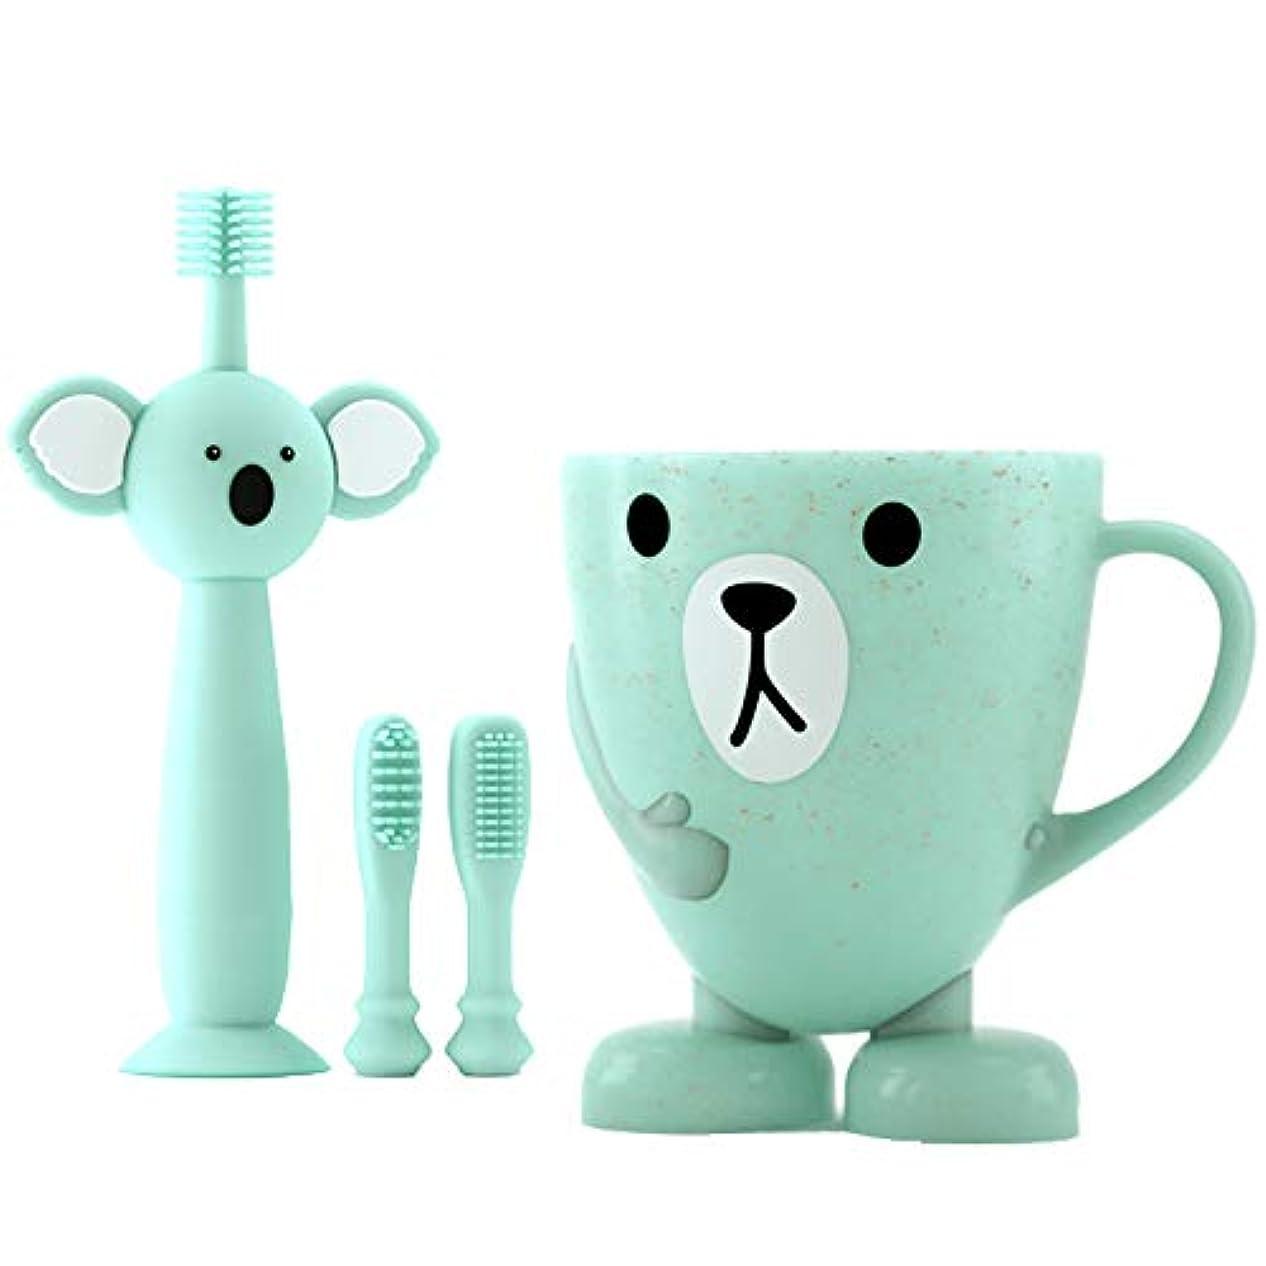 ドレスワンダードレスLUDNEE 子供用歯ブラシ 男女兼用 柔らかい 乳歯を保護する ベビー歯ブラシ シリコン歯ブラシ 乳歯用ブラシ (ブルー)